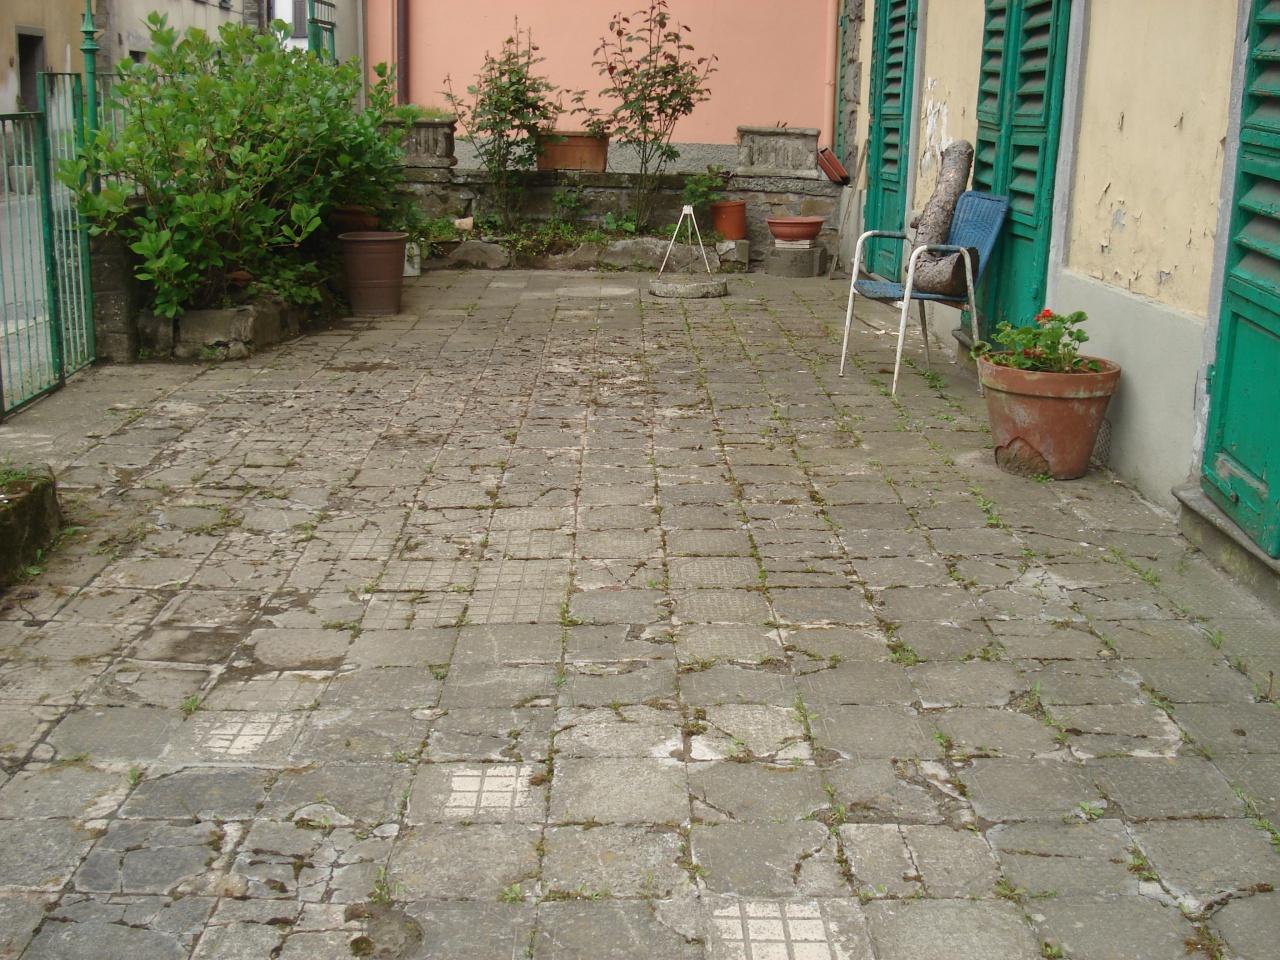 Albergo in vendita a Vernio, 16 locali, Trattative riservate | CambioCasa.it